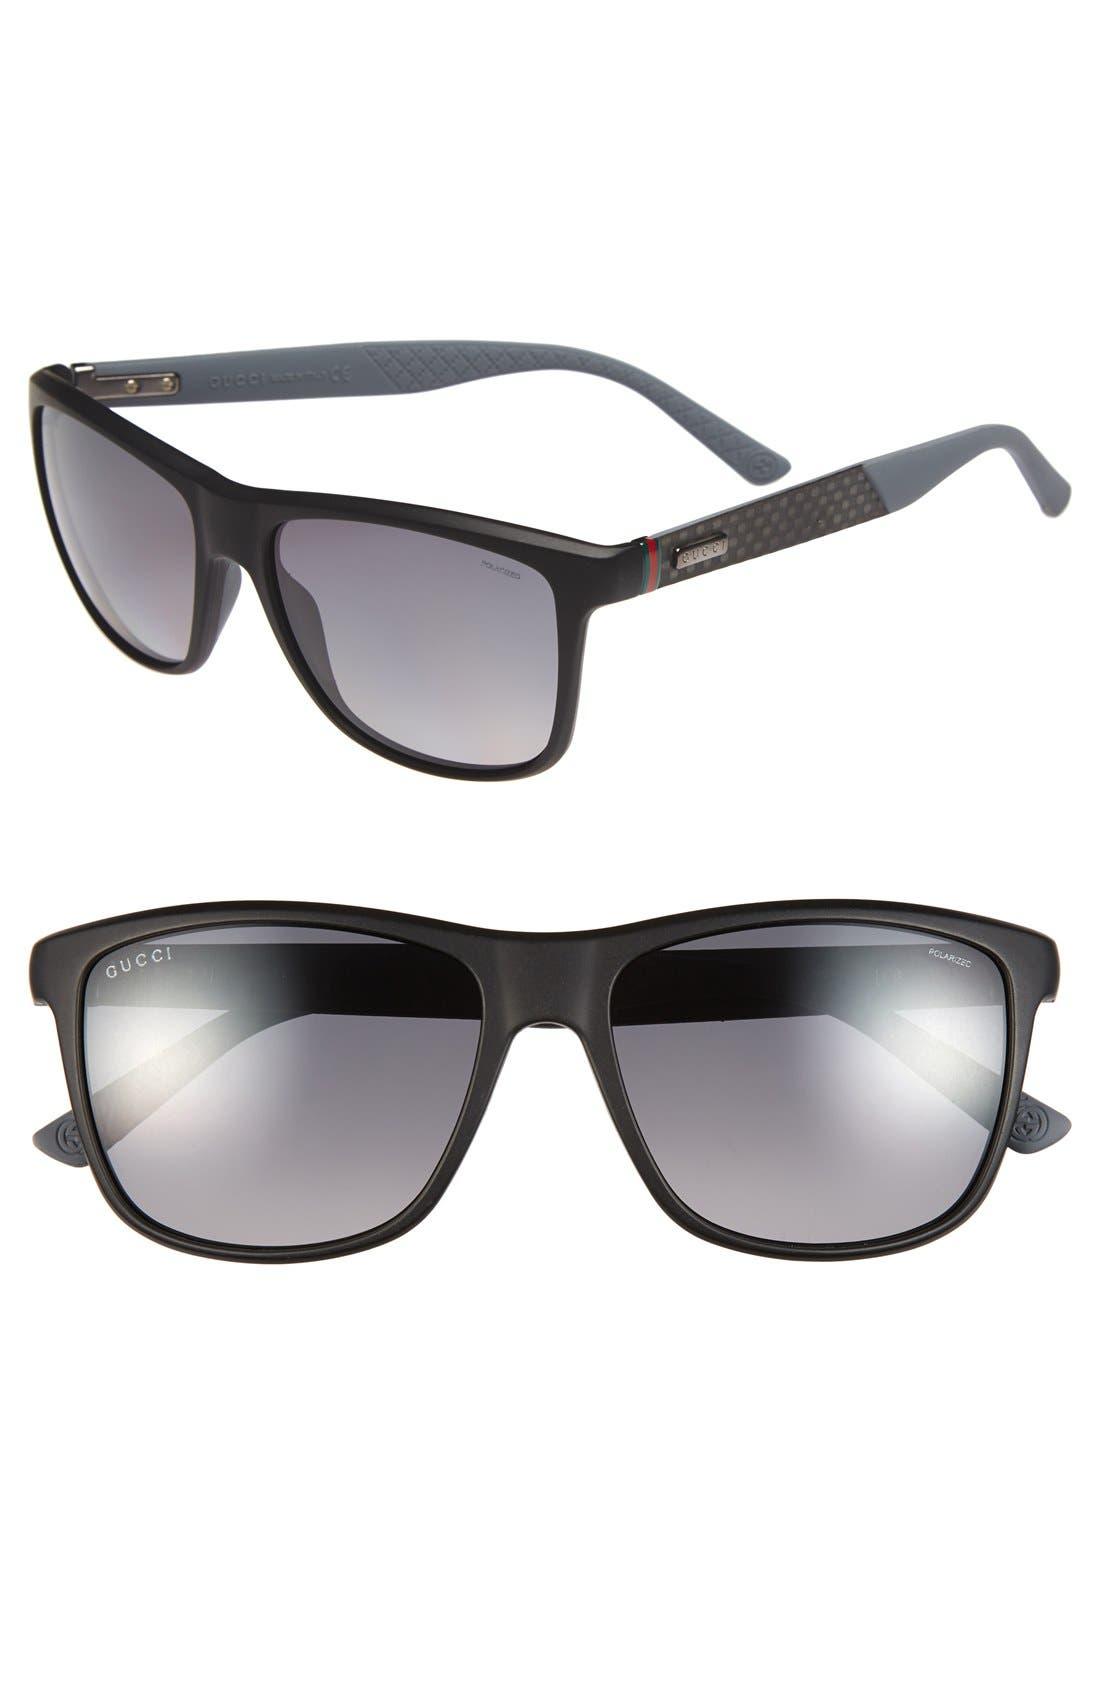 Main Image - Gucci 56mm Polarized Retro Sunglasses